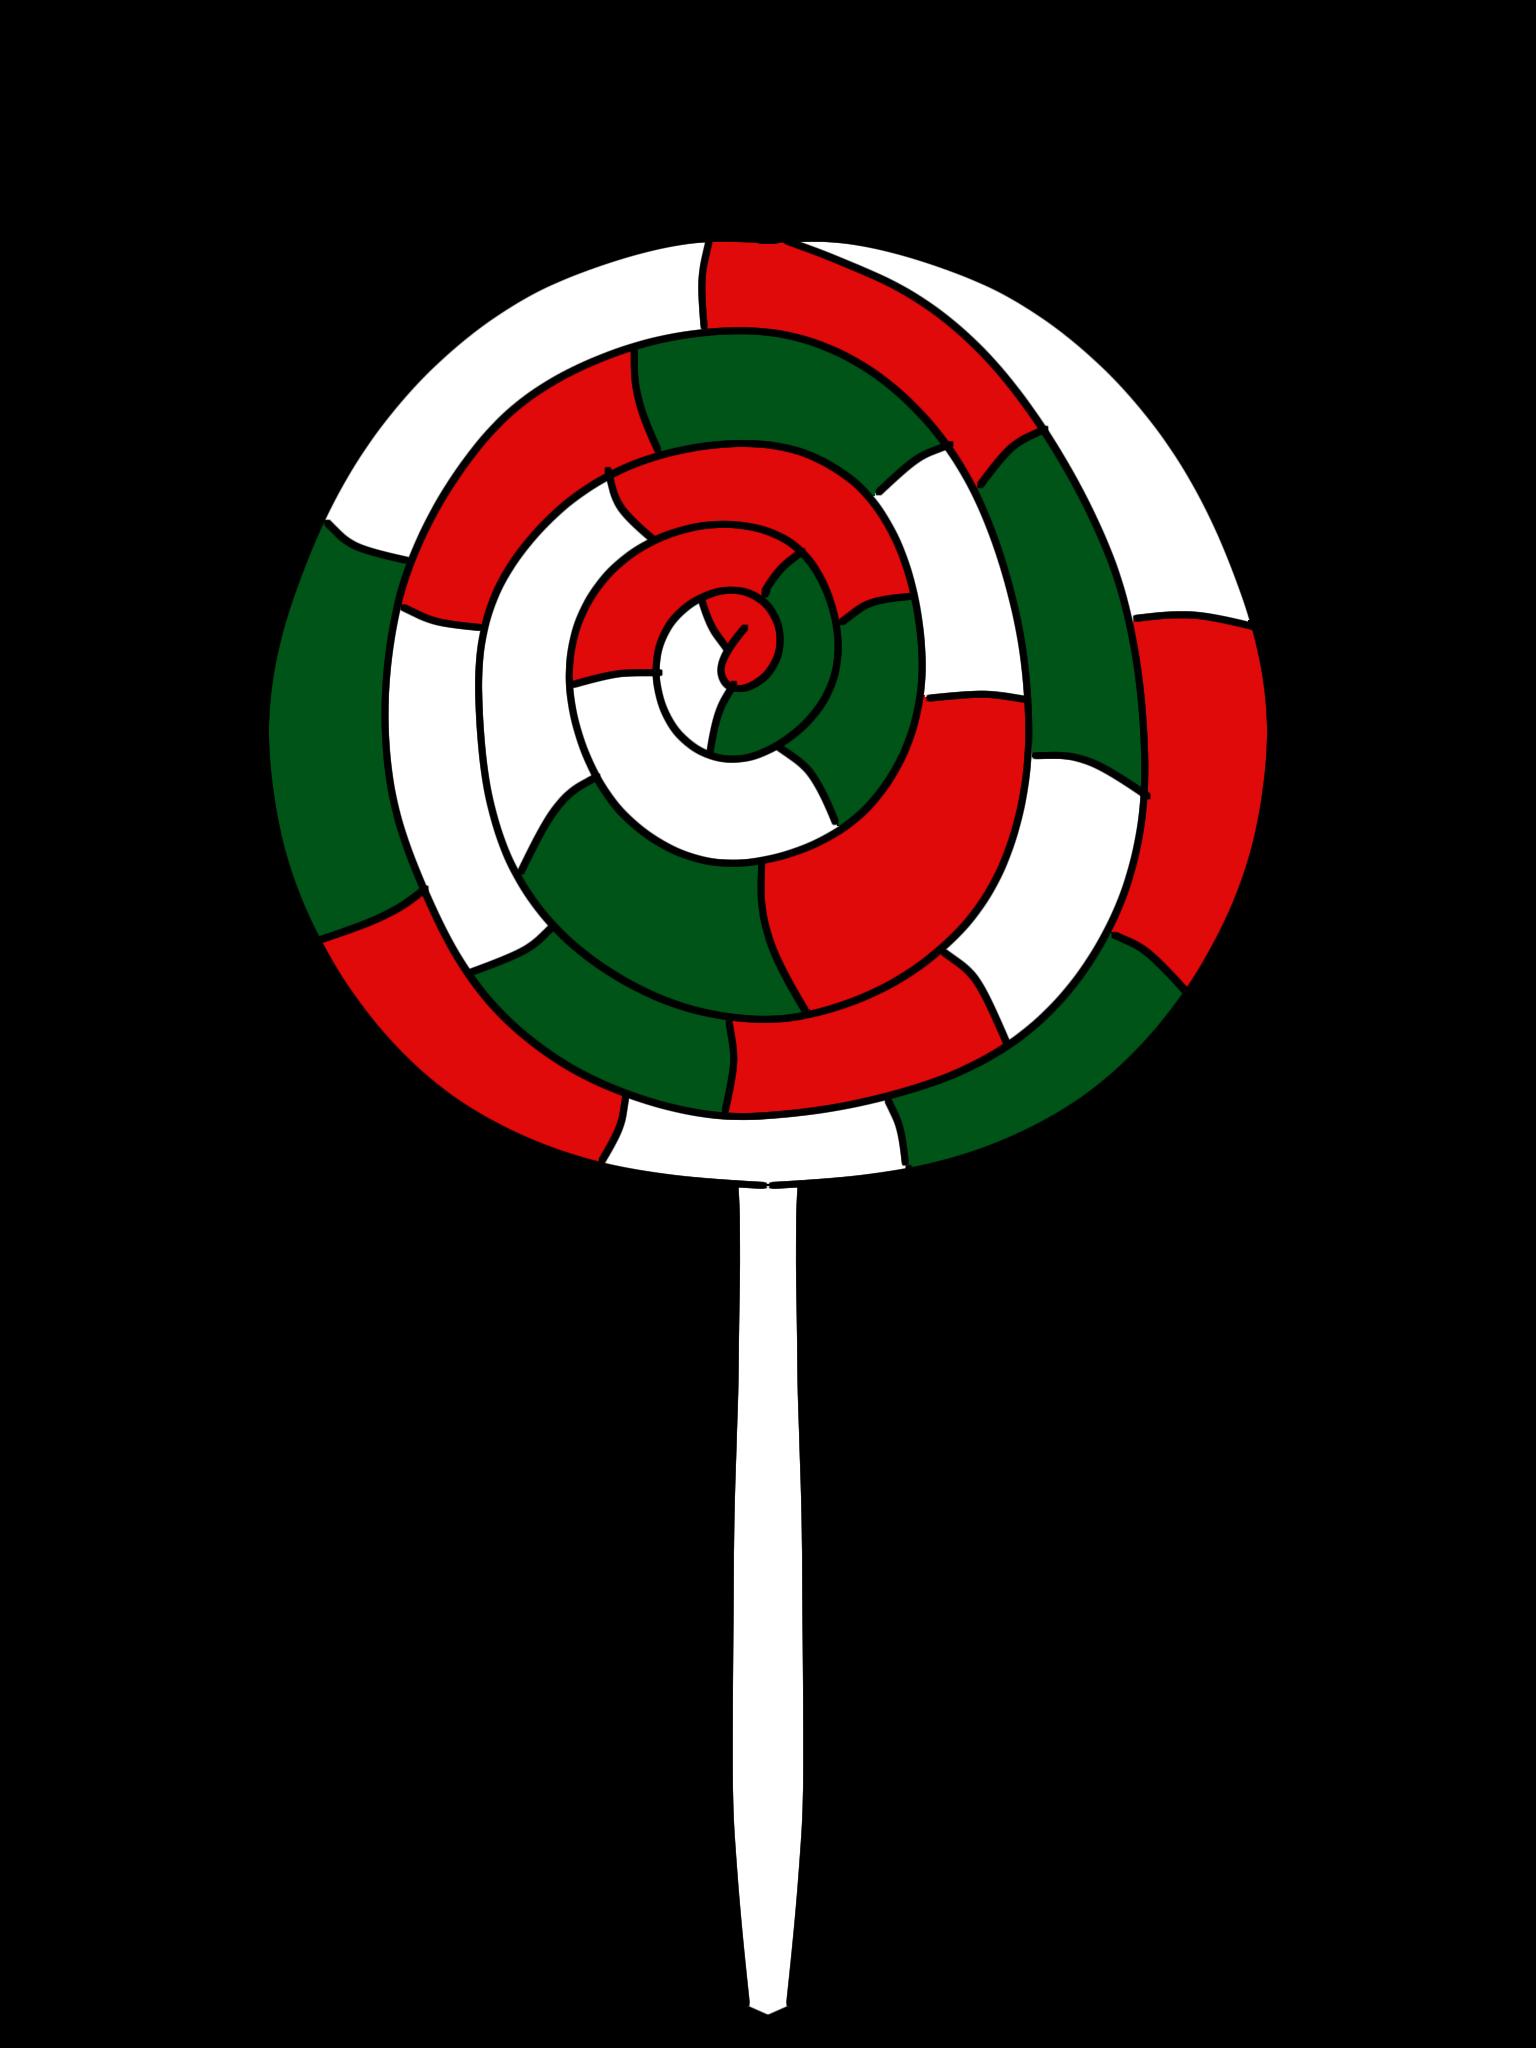 Lollipop clipart lollypop Clipartix Lollipop Pictures clip art